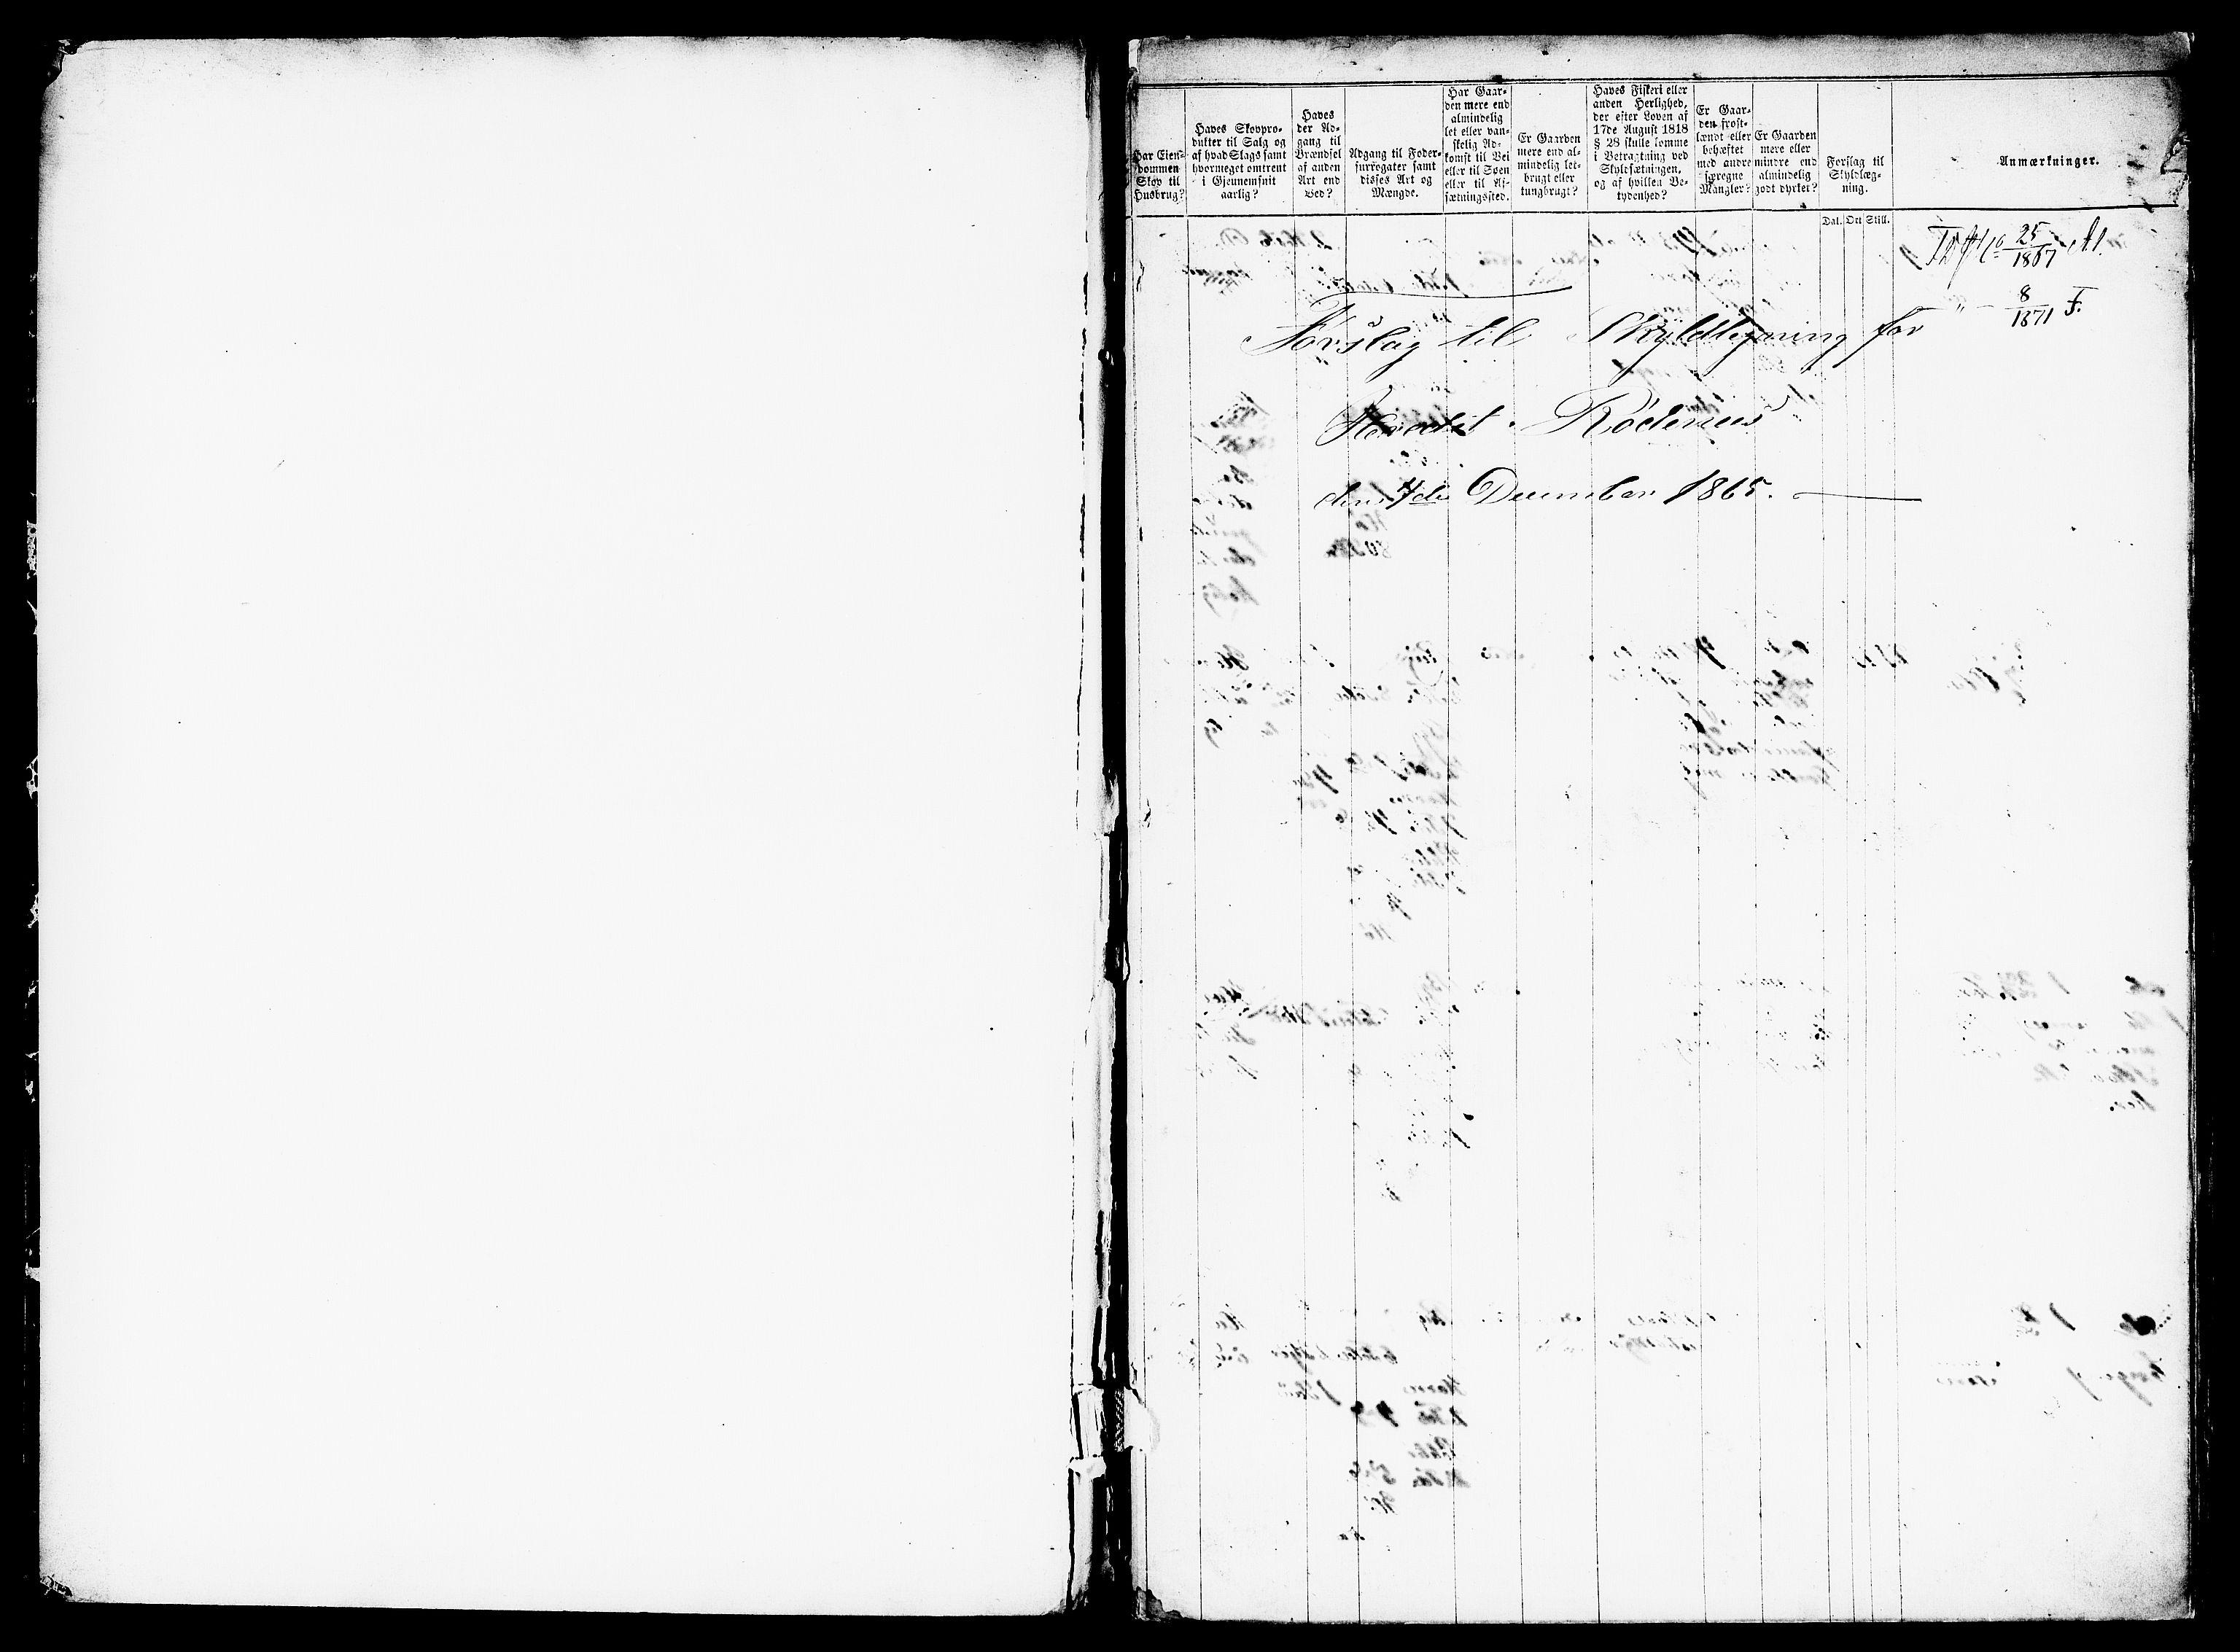 RA, Matrikkelrevisjonen av 1863, F/Fe/L0007: Rødnes (Rørskogen), 1863